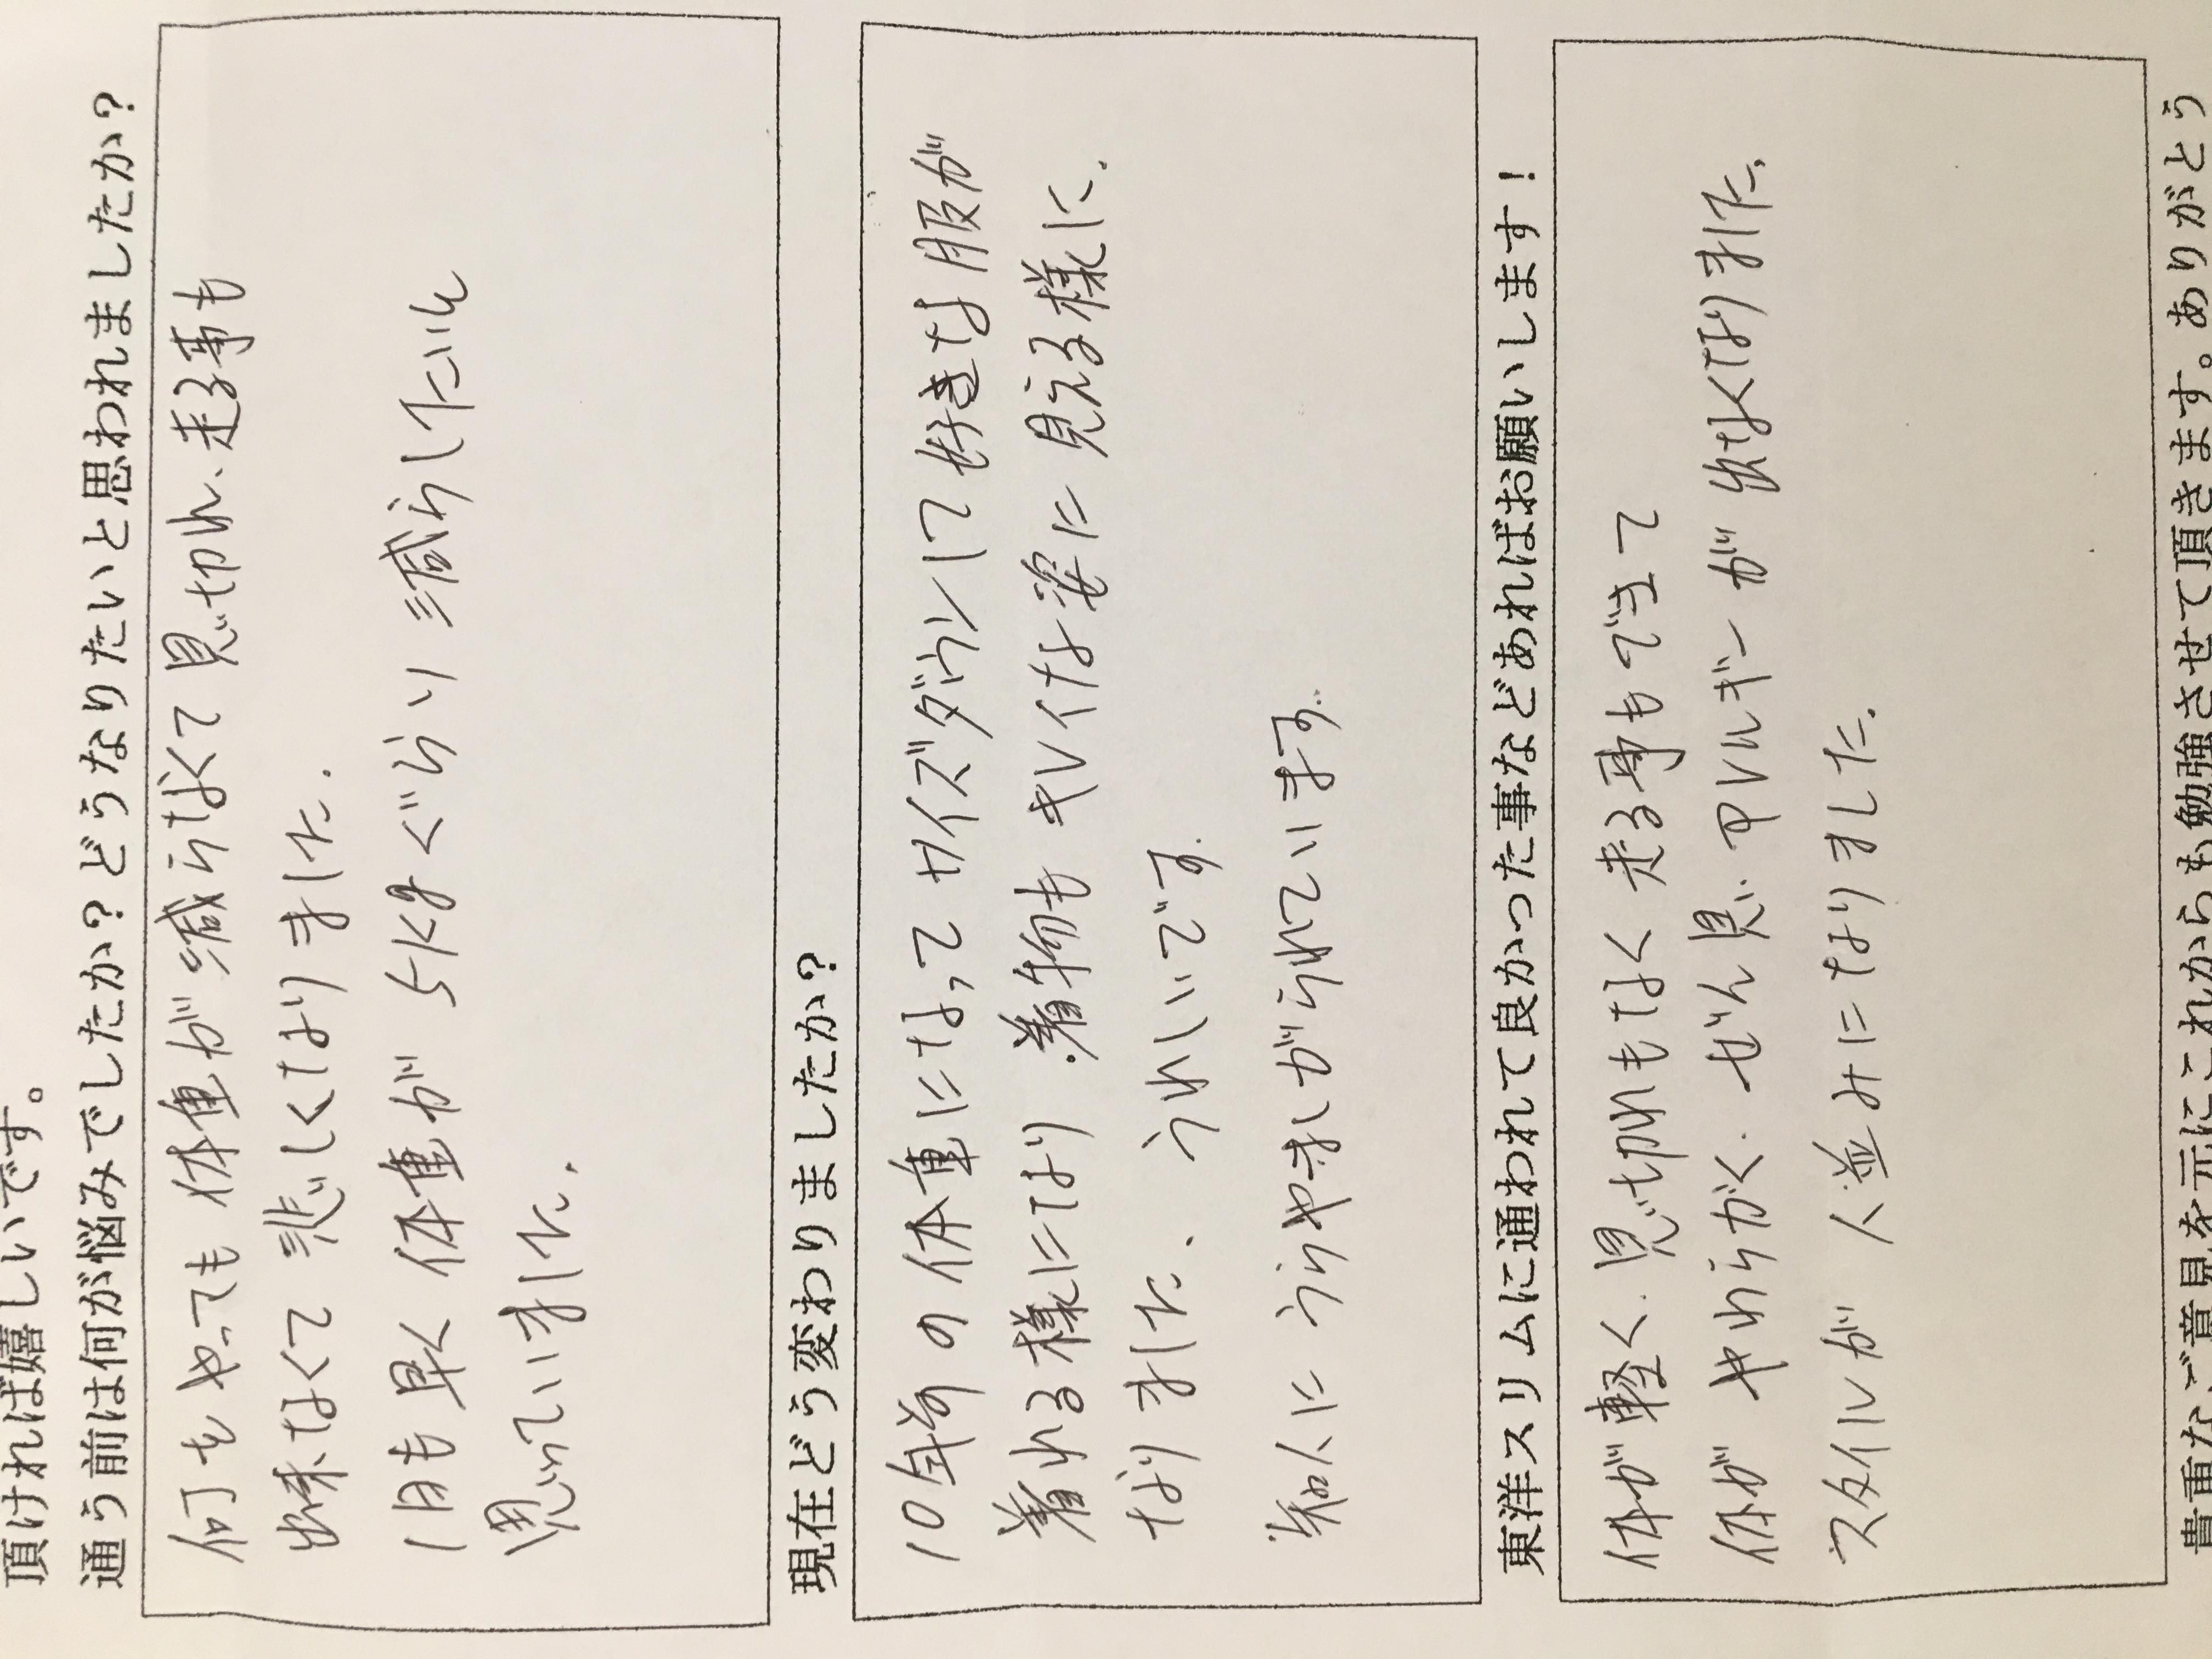 大阪市平野区Kさん52歳耳ツボ痩身法で16kgダイエット成功